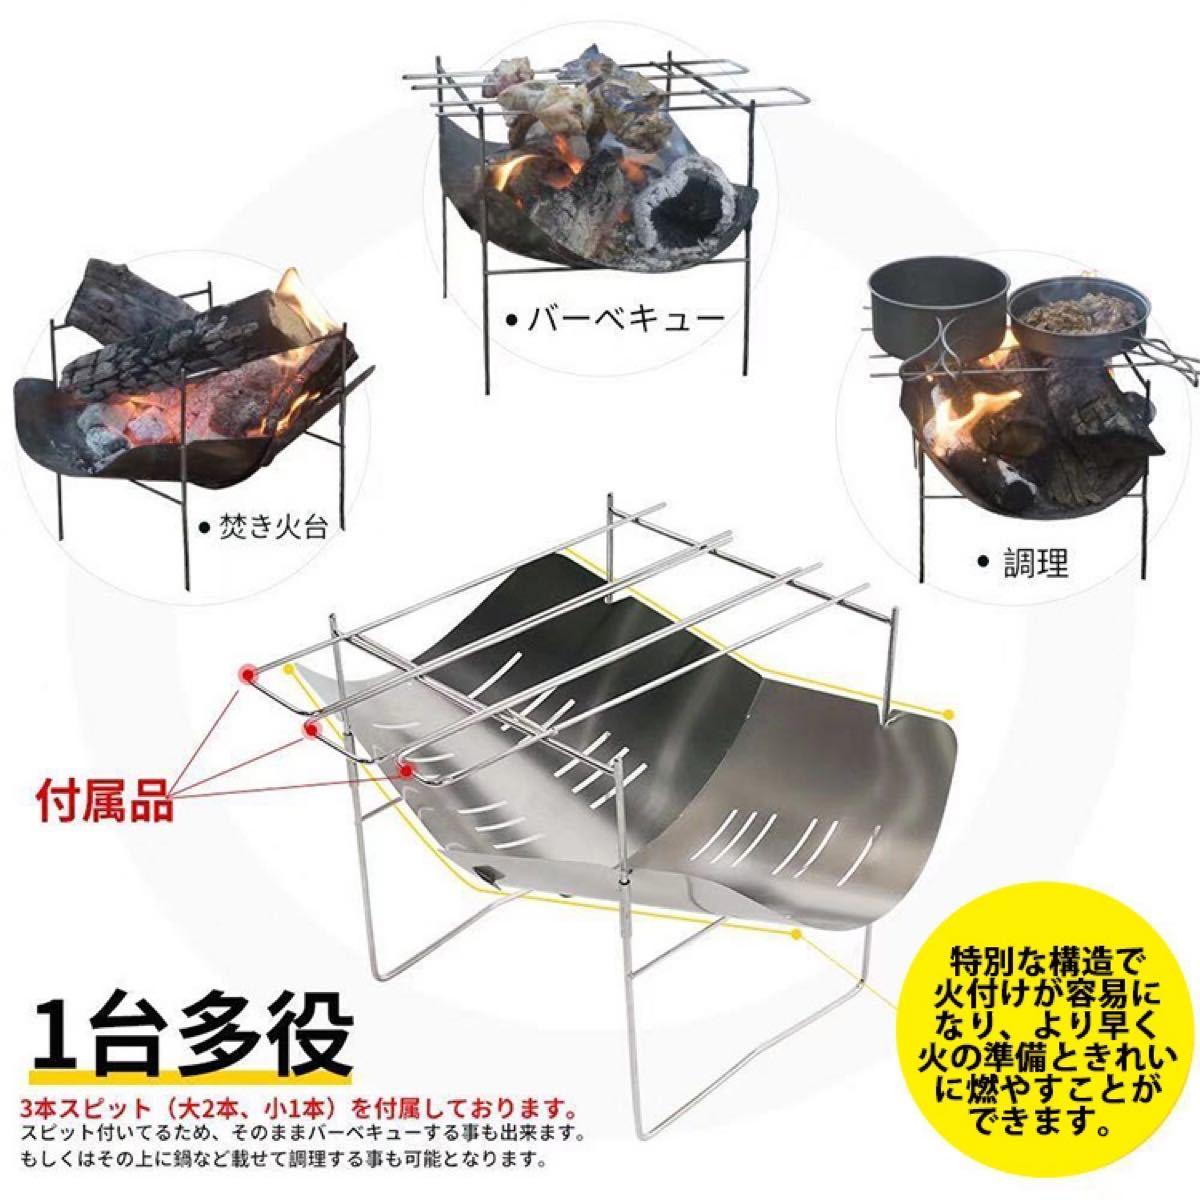 焚き火台 焚き火シート 折り畳み式 バーベキューコンロ スピット3本付き ソロキャンプ